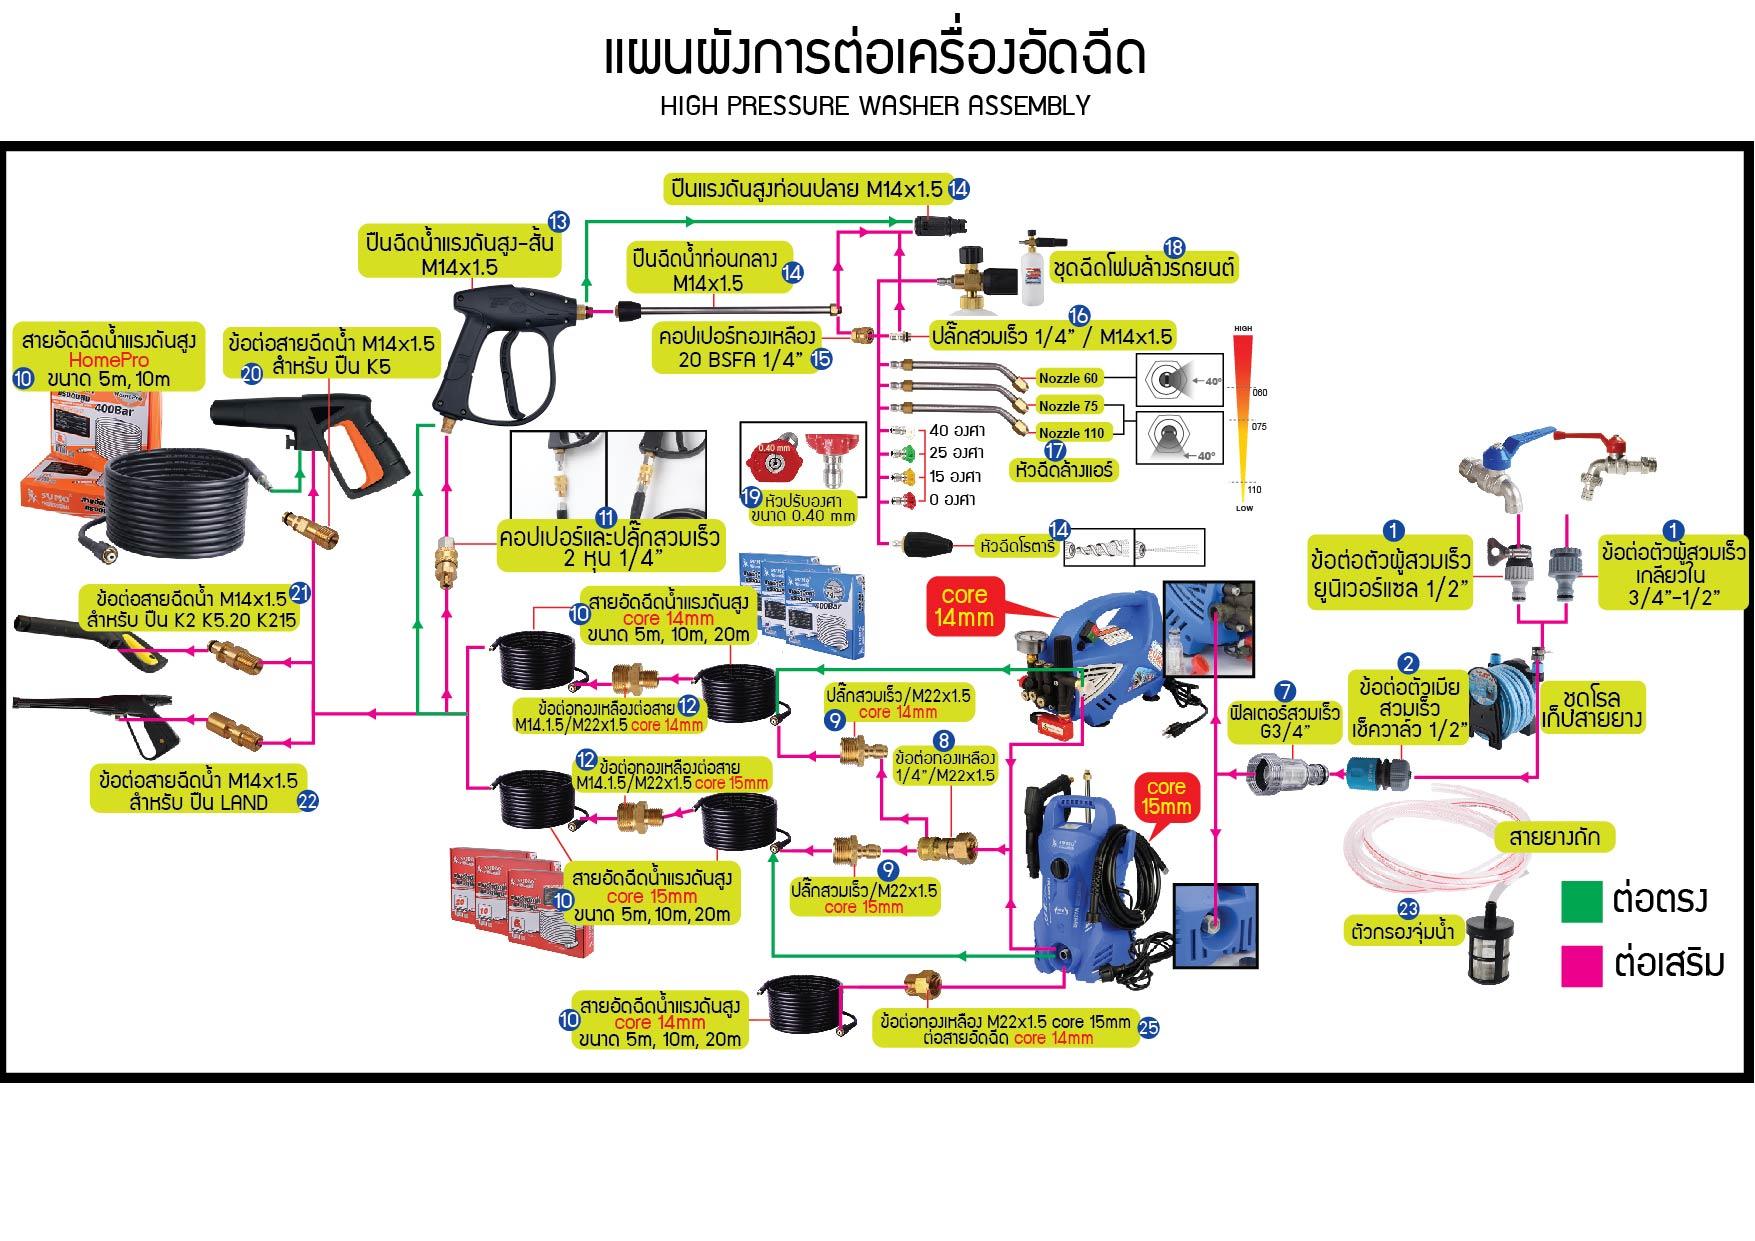 (52/152) แผนผังการต่อเครื่องอัดฉีด